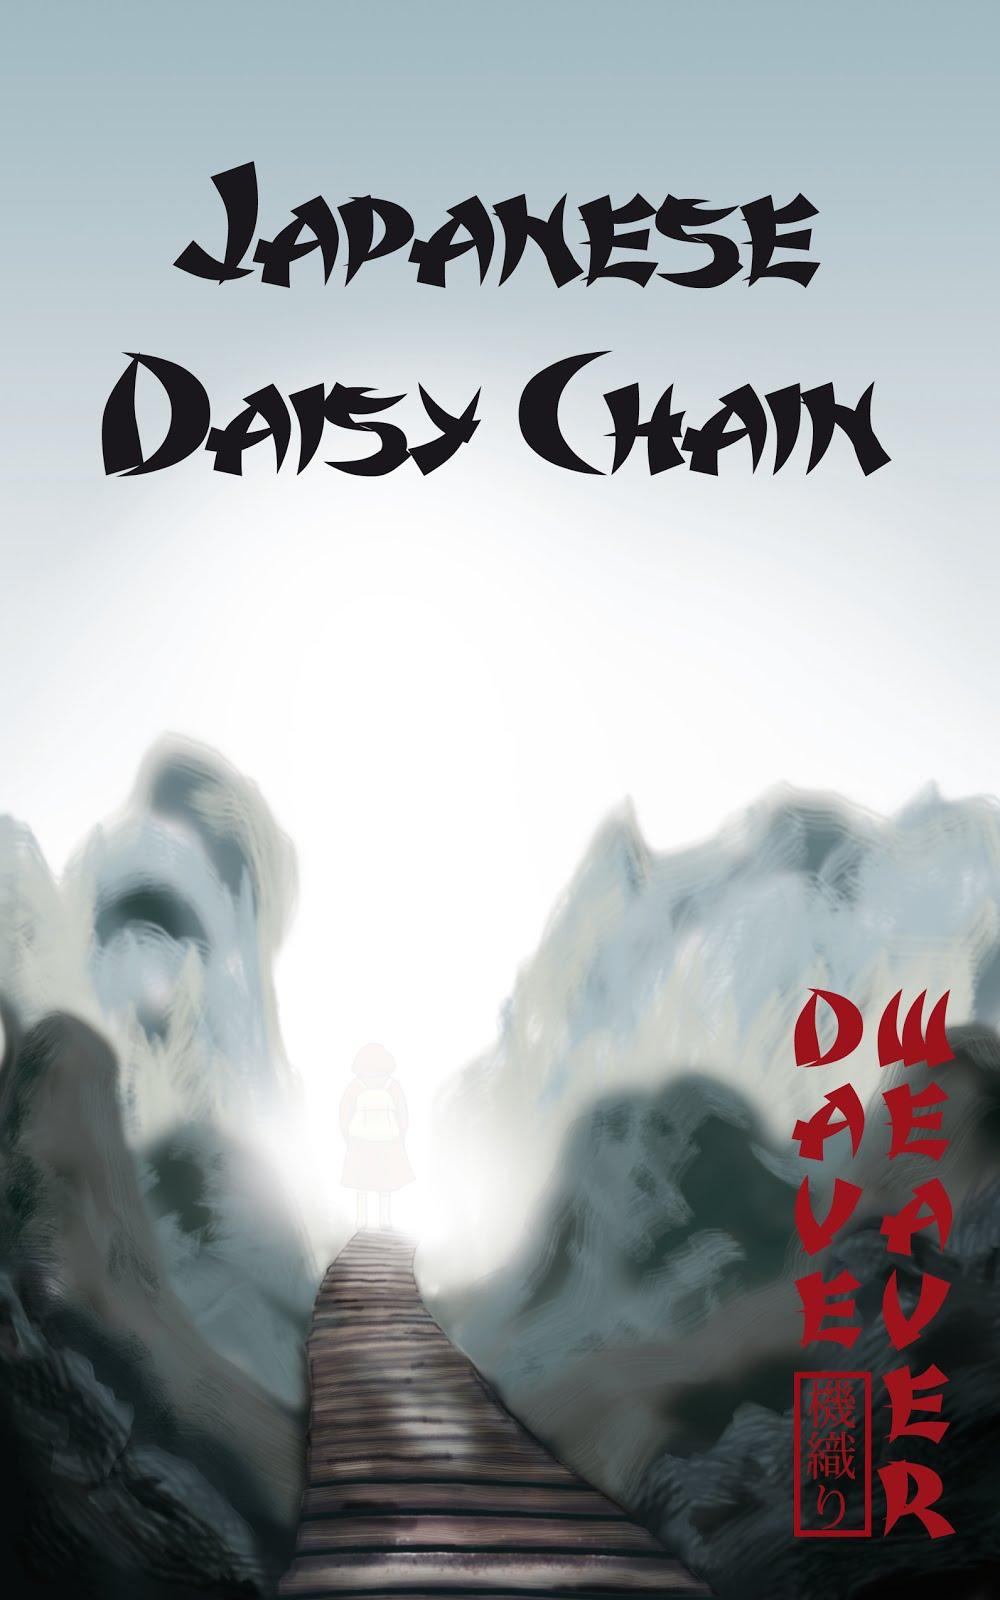 Japanese Daisy Chain